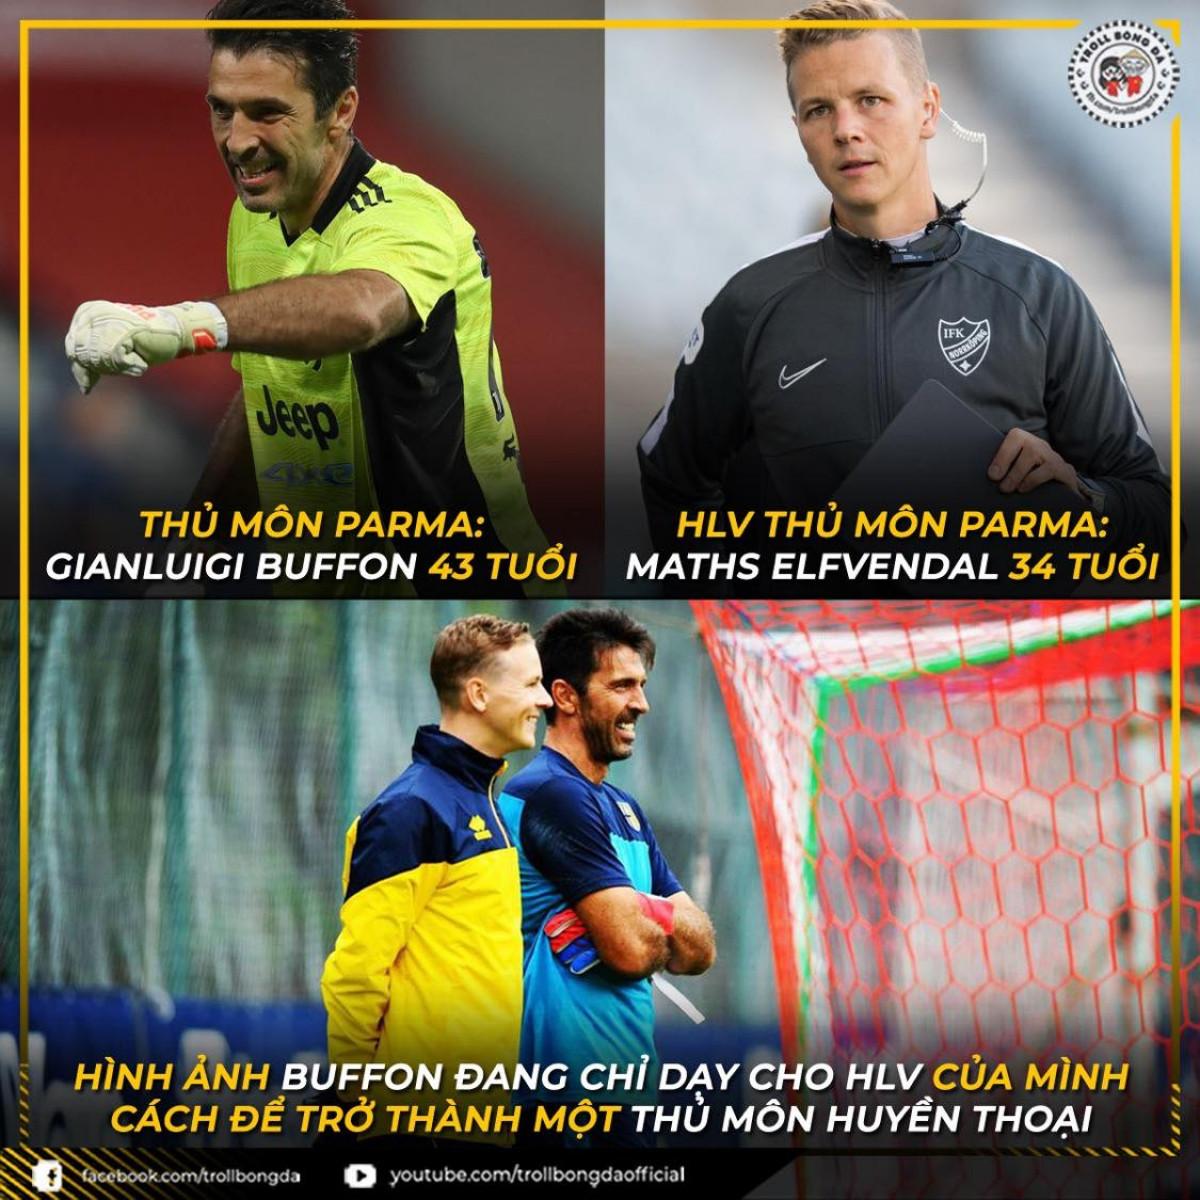 Buffon trở lại đội bóng cũ và làm việc cùng HLV thủ môn kém mình đến 9 tuổi. (Ảnh: Troll bóng đá)./.